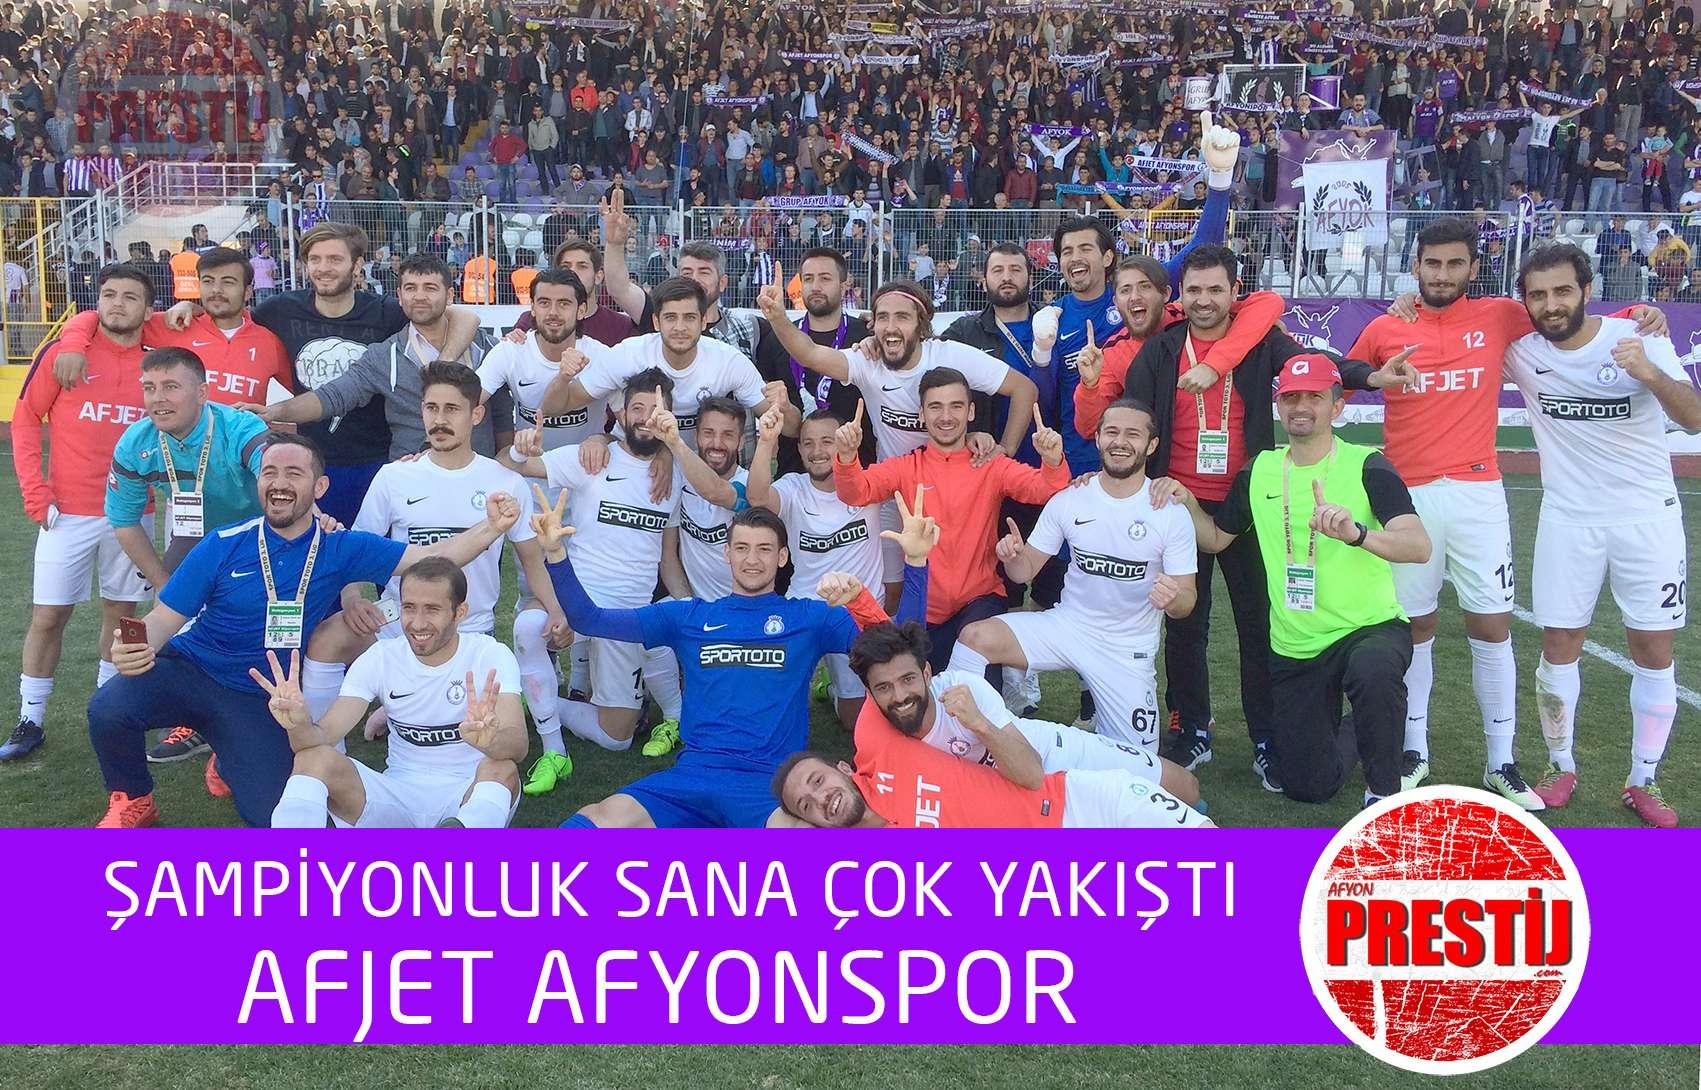 AFJET AFYONSPOR ŞAMPİYON